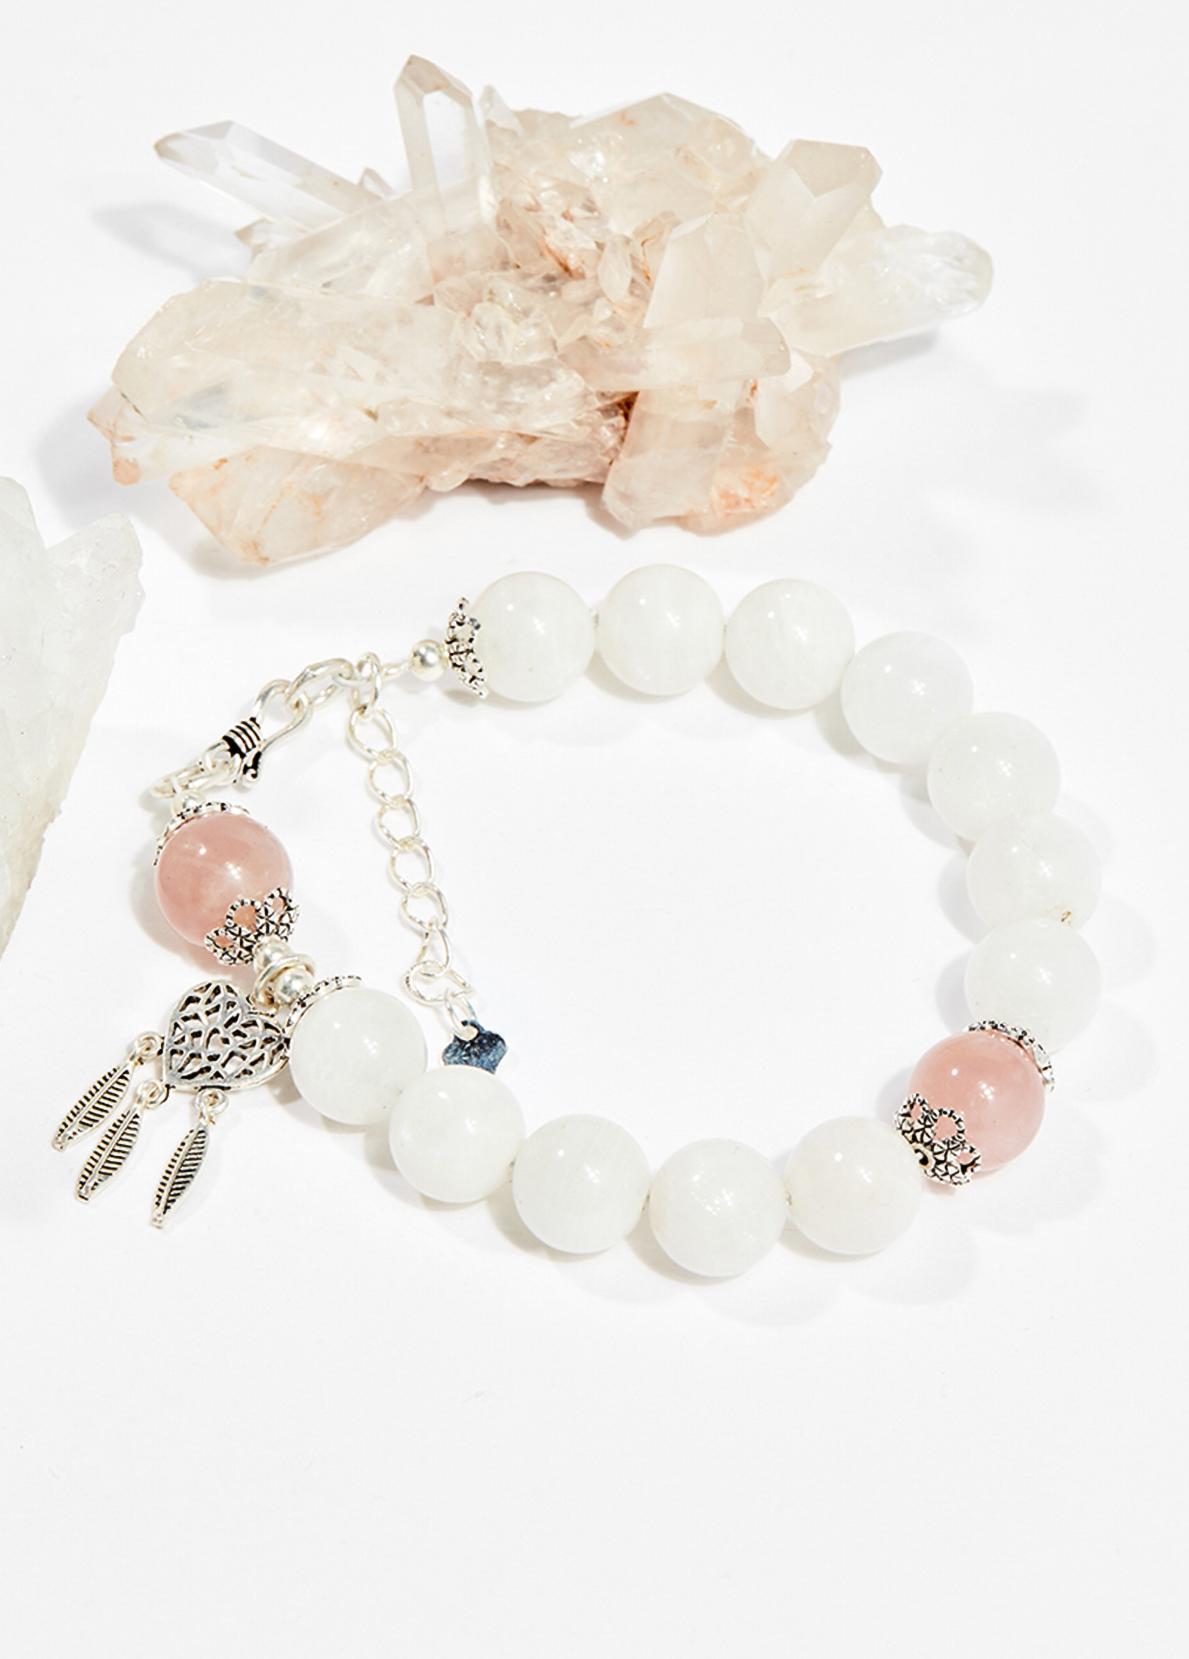 Vòng tay phong thủy nữ đá xà cừ trắng charm dreamcatcher 8mm mệnh thủy , kim - Ngọc Quý Gemstones